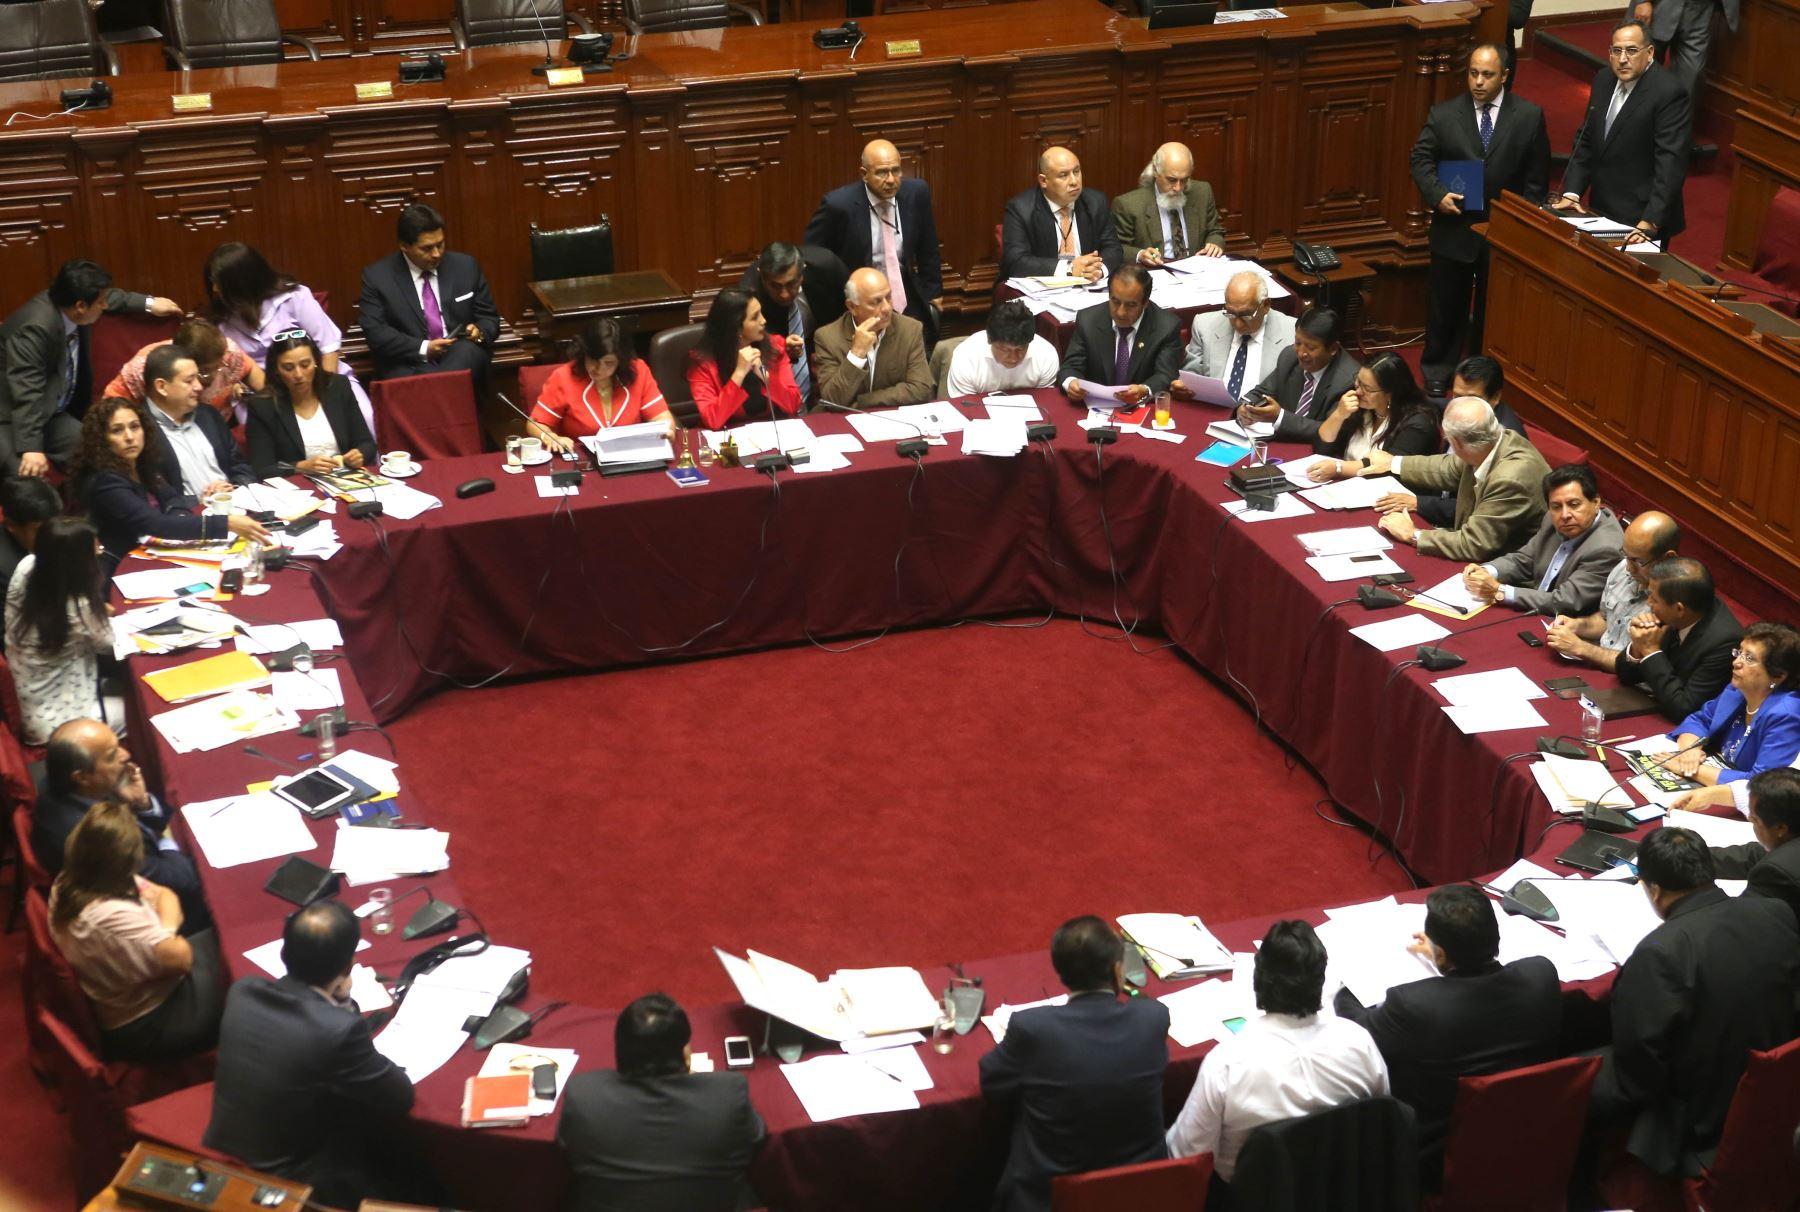 Lima per enero 28 presidenta del consejo de ministros for Clausula suelo consejo de ministros